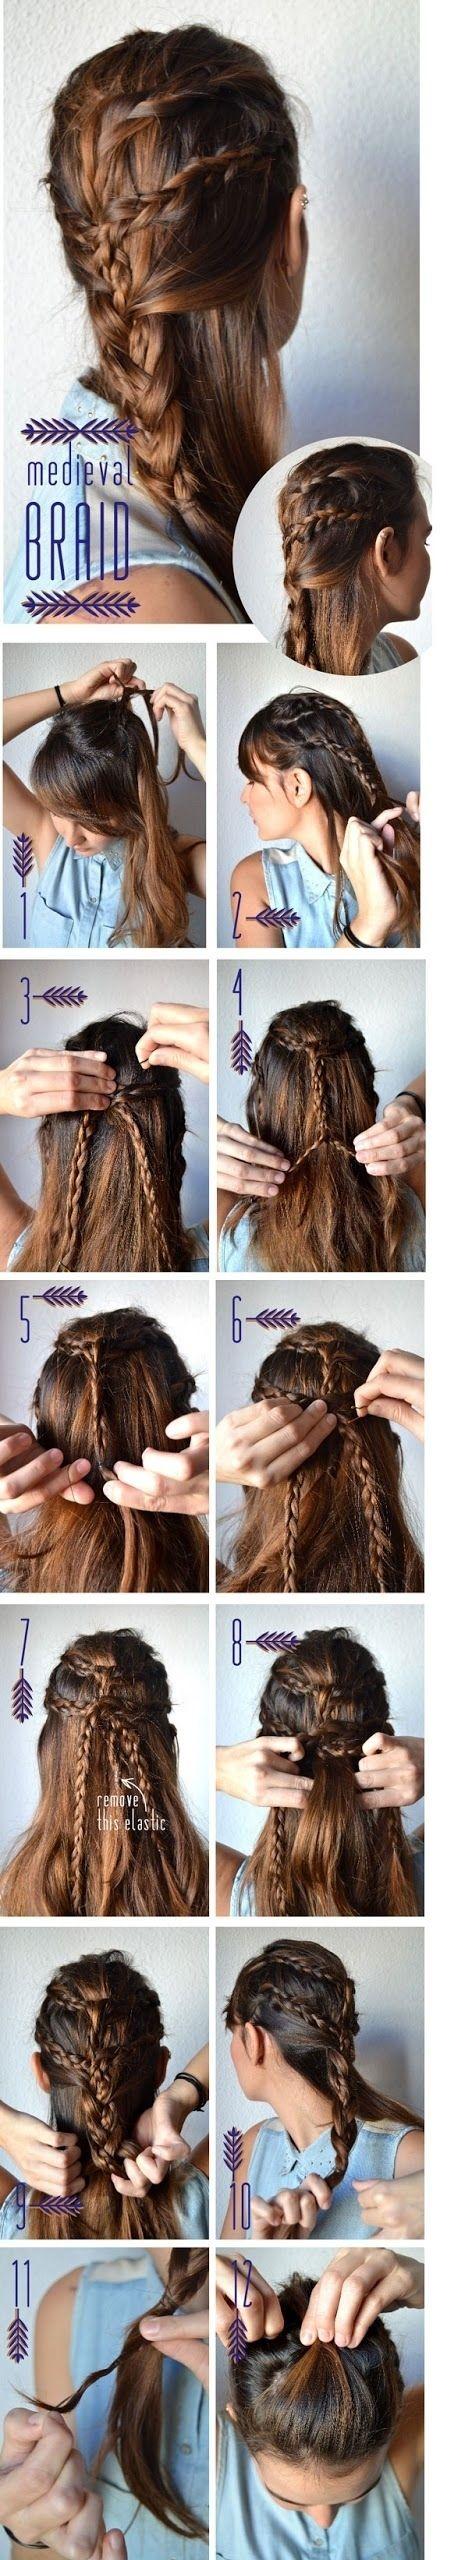 Medieval Braid penteado passo a passo